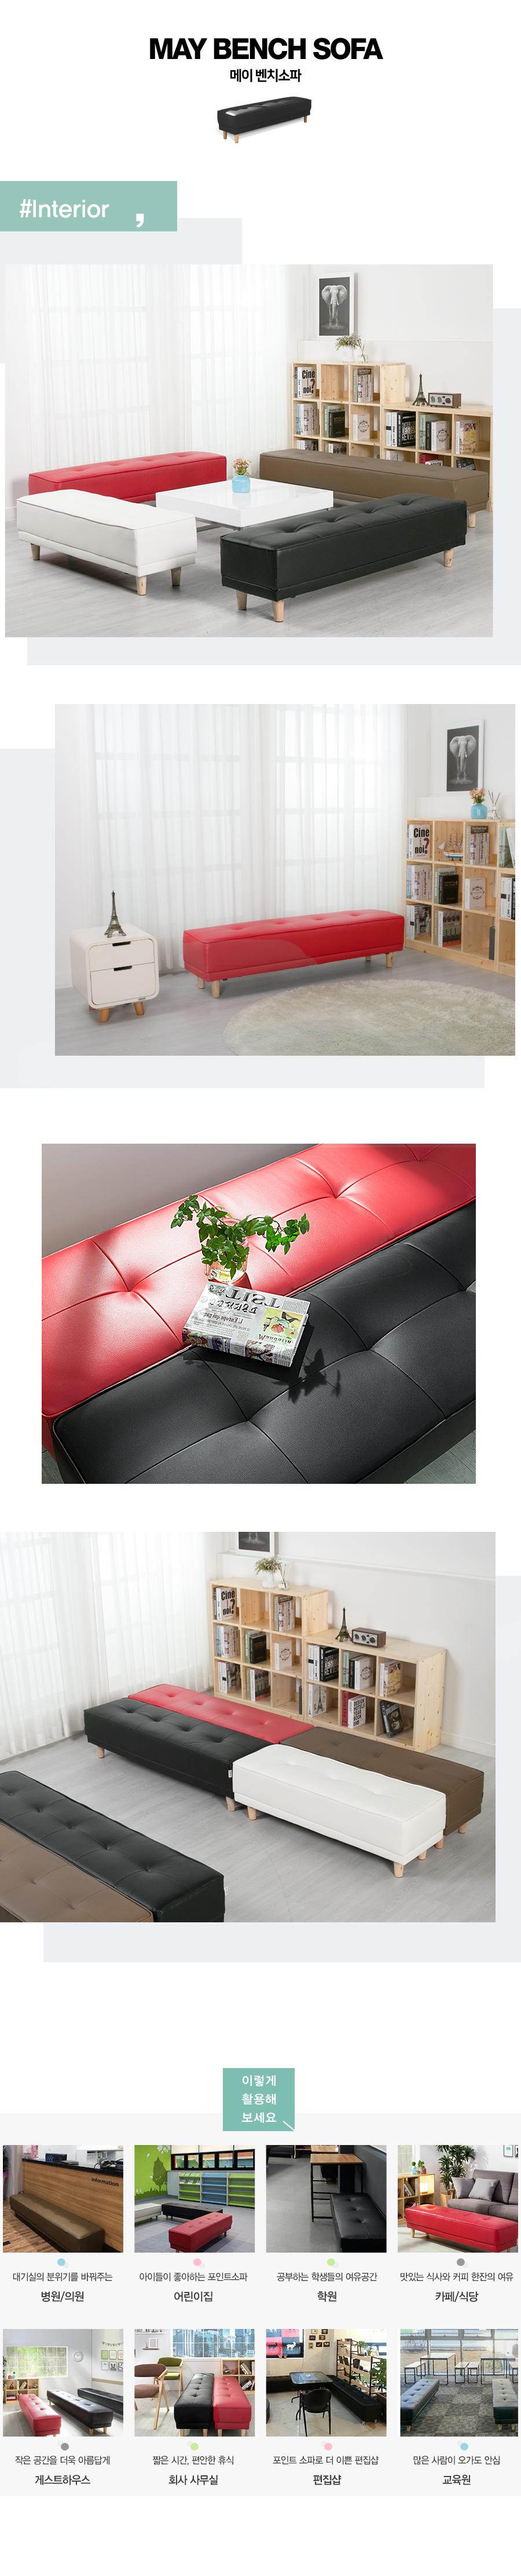 interior_may_sofa.jpg